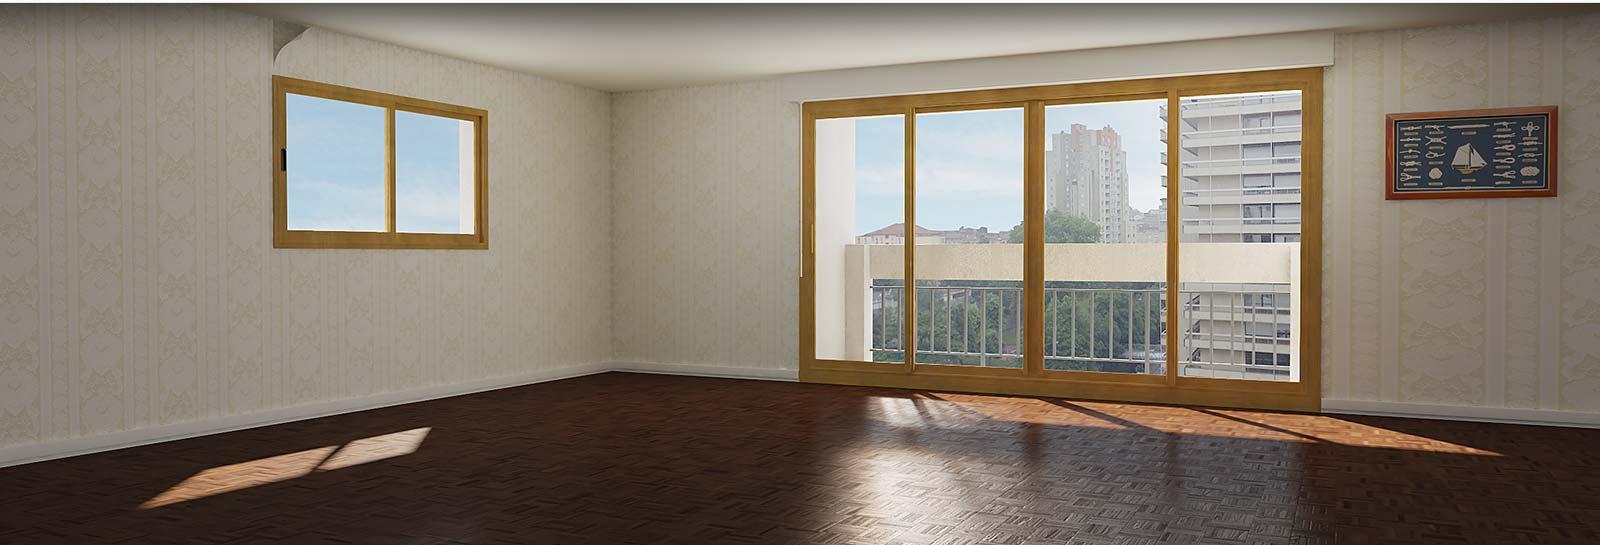 Courtage en travaux r novation de maison extension de for Simulation 3d maison